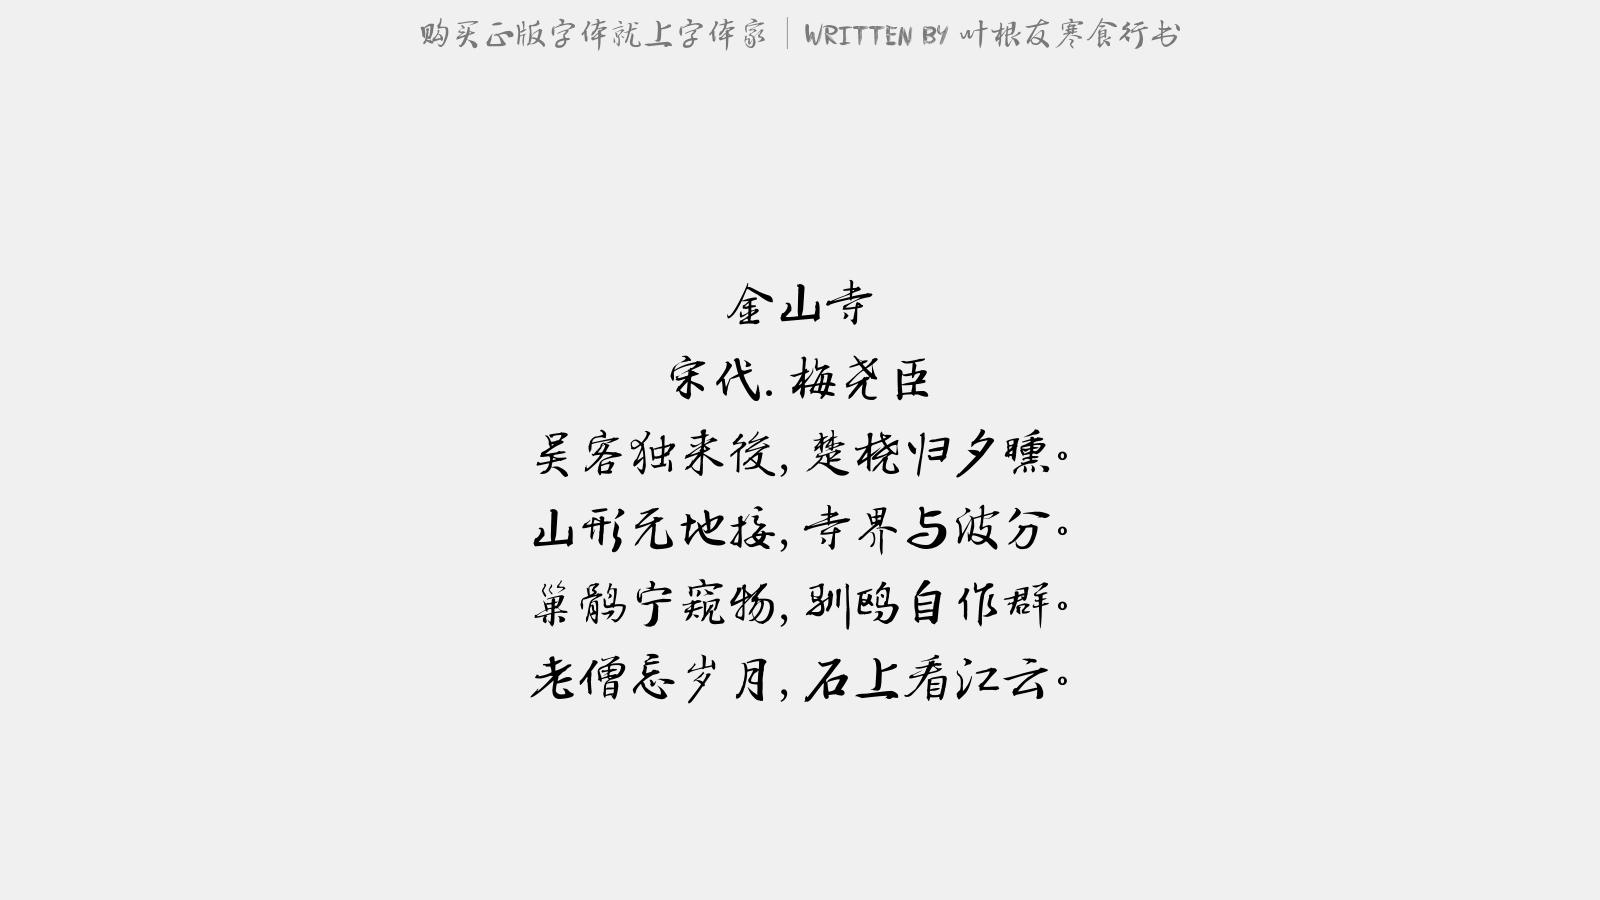 葉根友寒食行書 - 金山寺